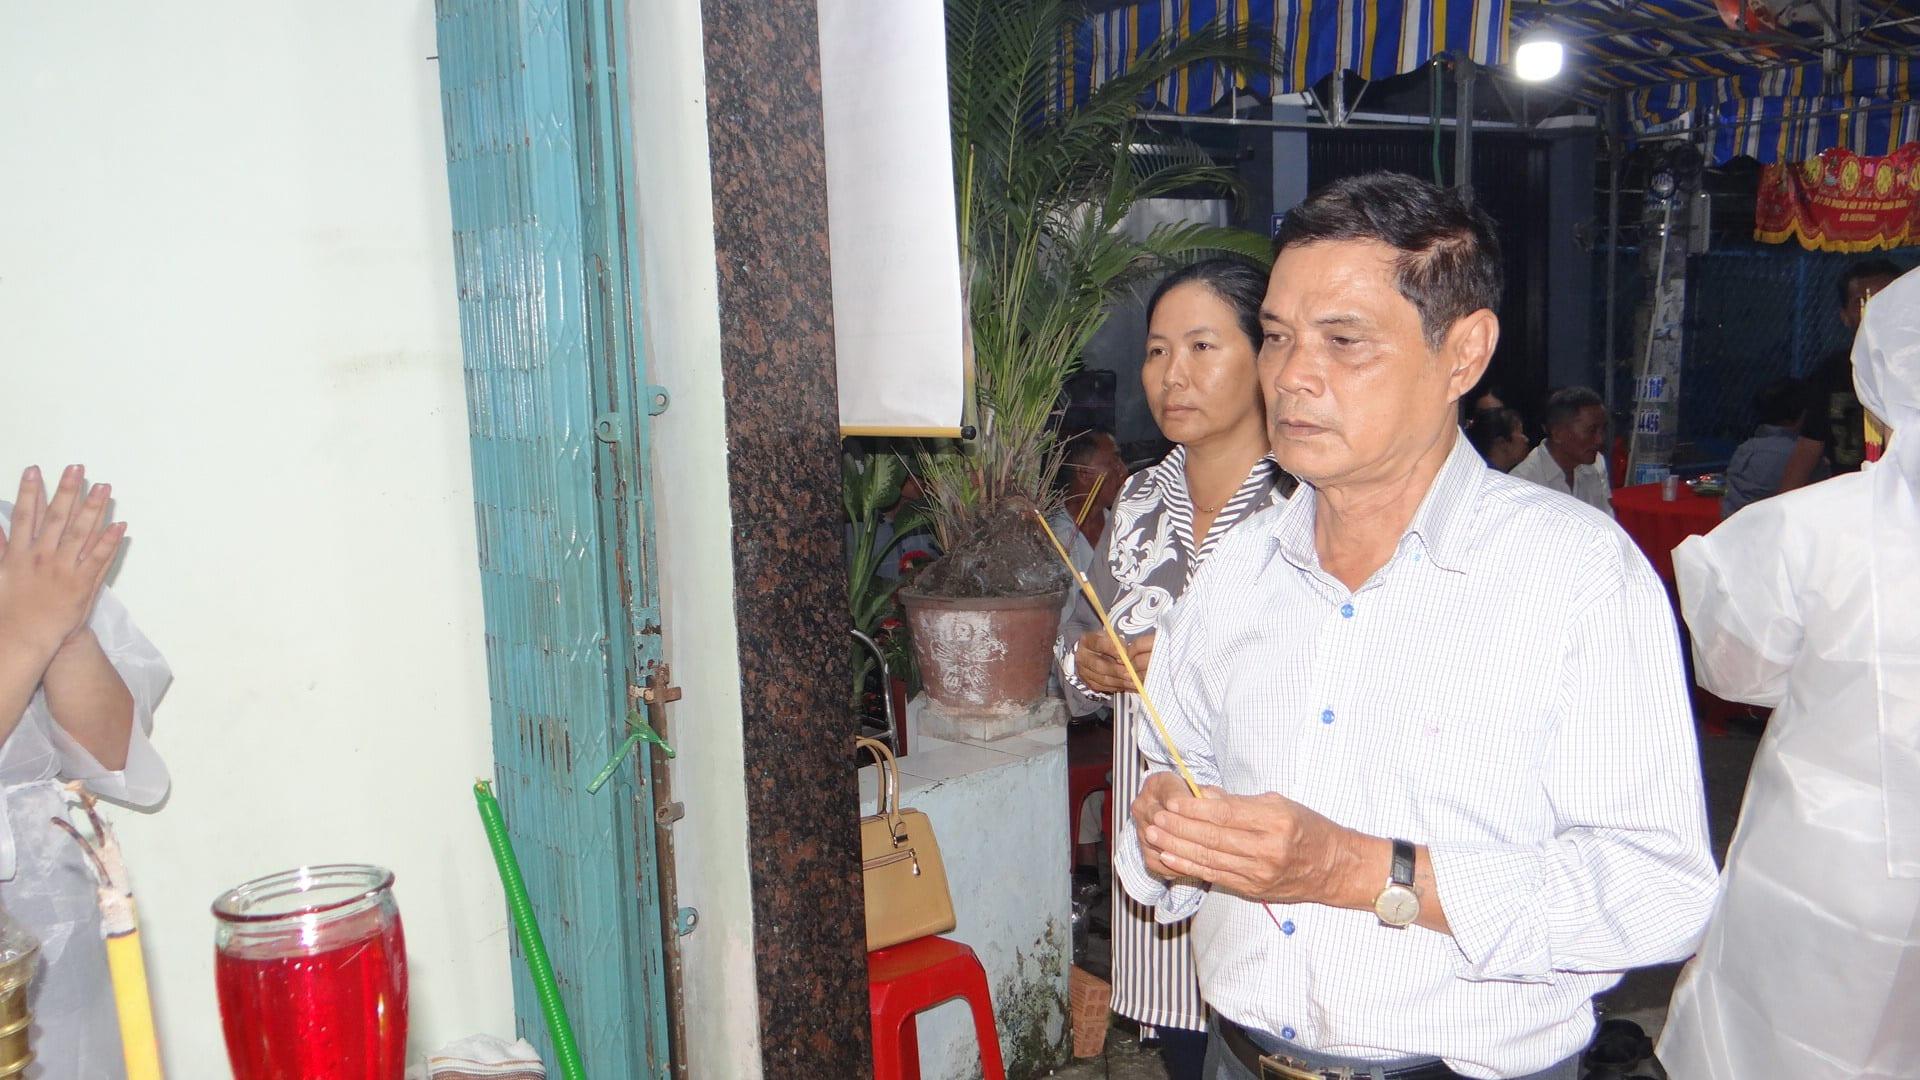 Khán giả ủng hộ 100 triệu đồng an táng NSƯT Chiêu Hùng - Ảnh 11.